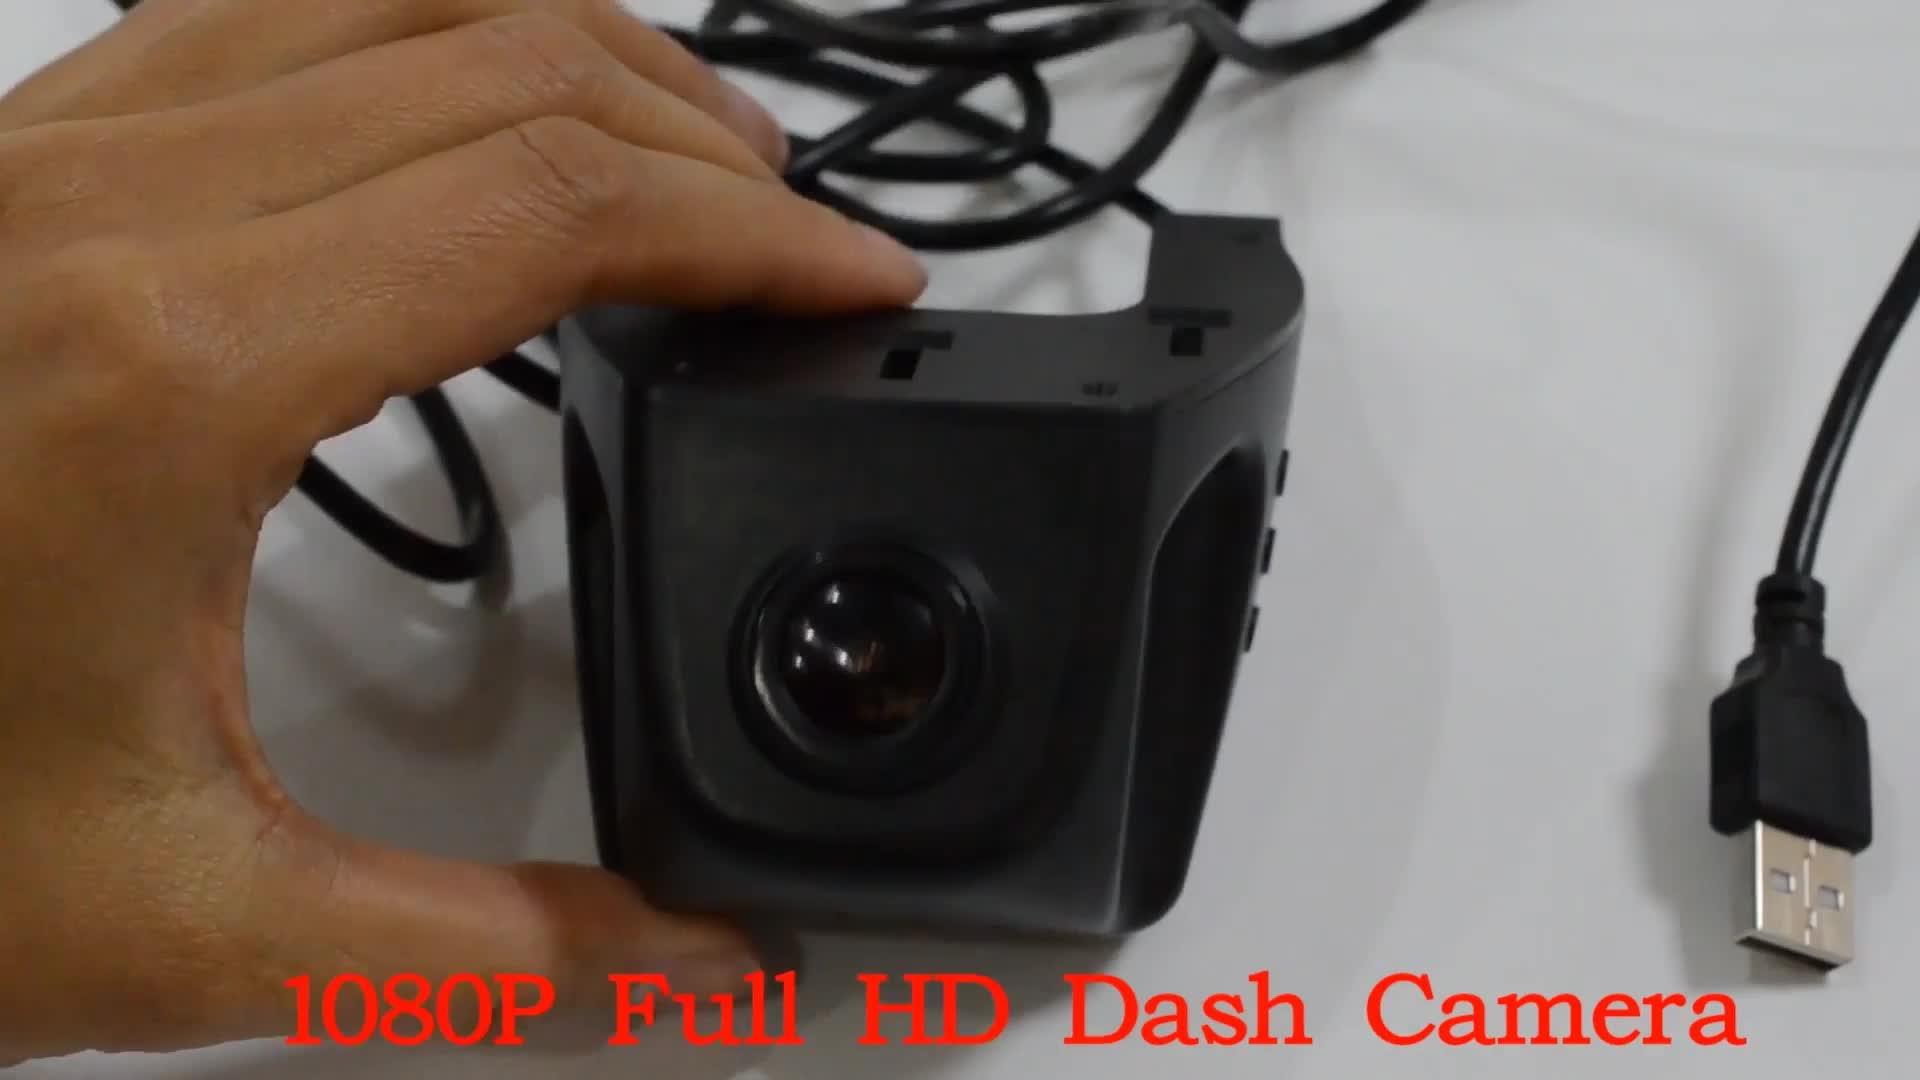 PJ-AUTO 1080 1080p フル hd usb 車 dvr ビデオレコーダービデオカメラ車載カメラ最高のナイトビジョン hd ダッシュカム